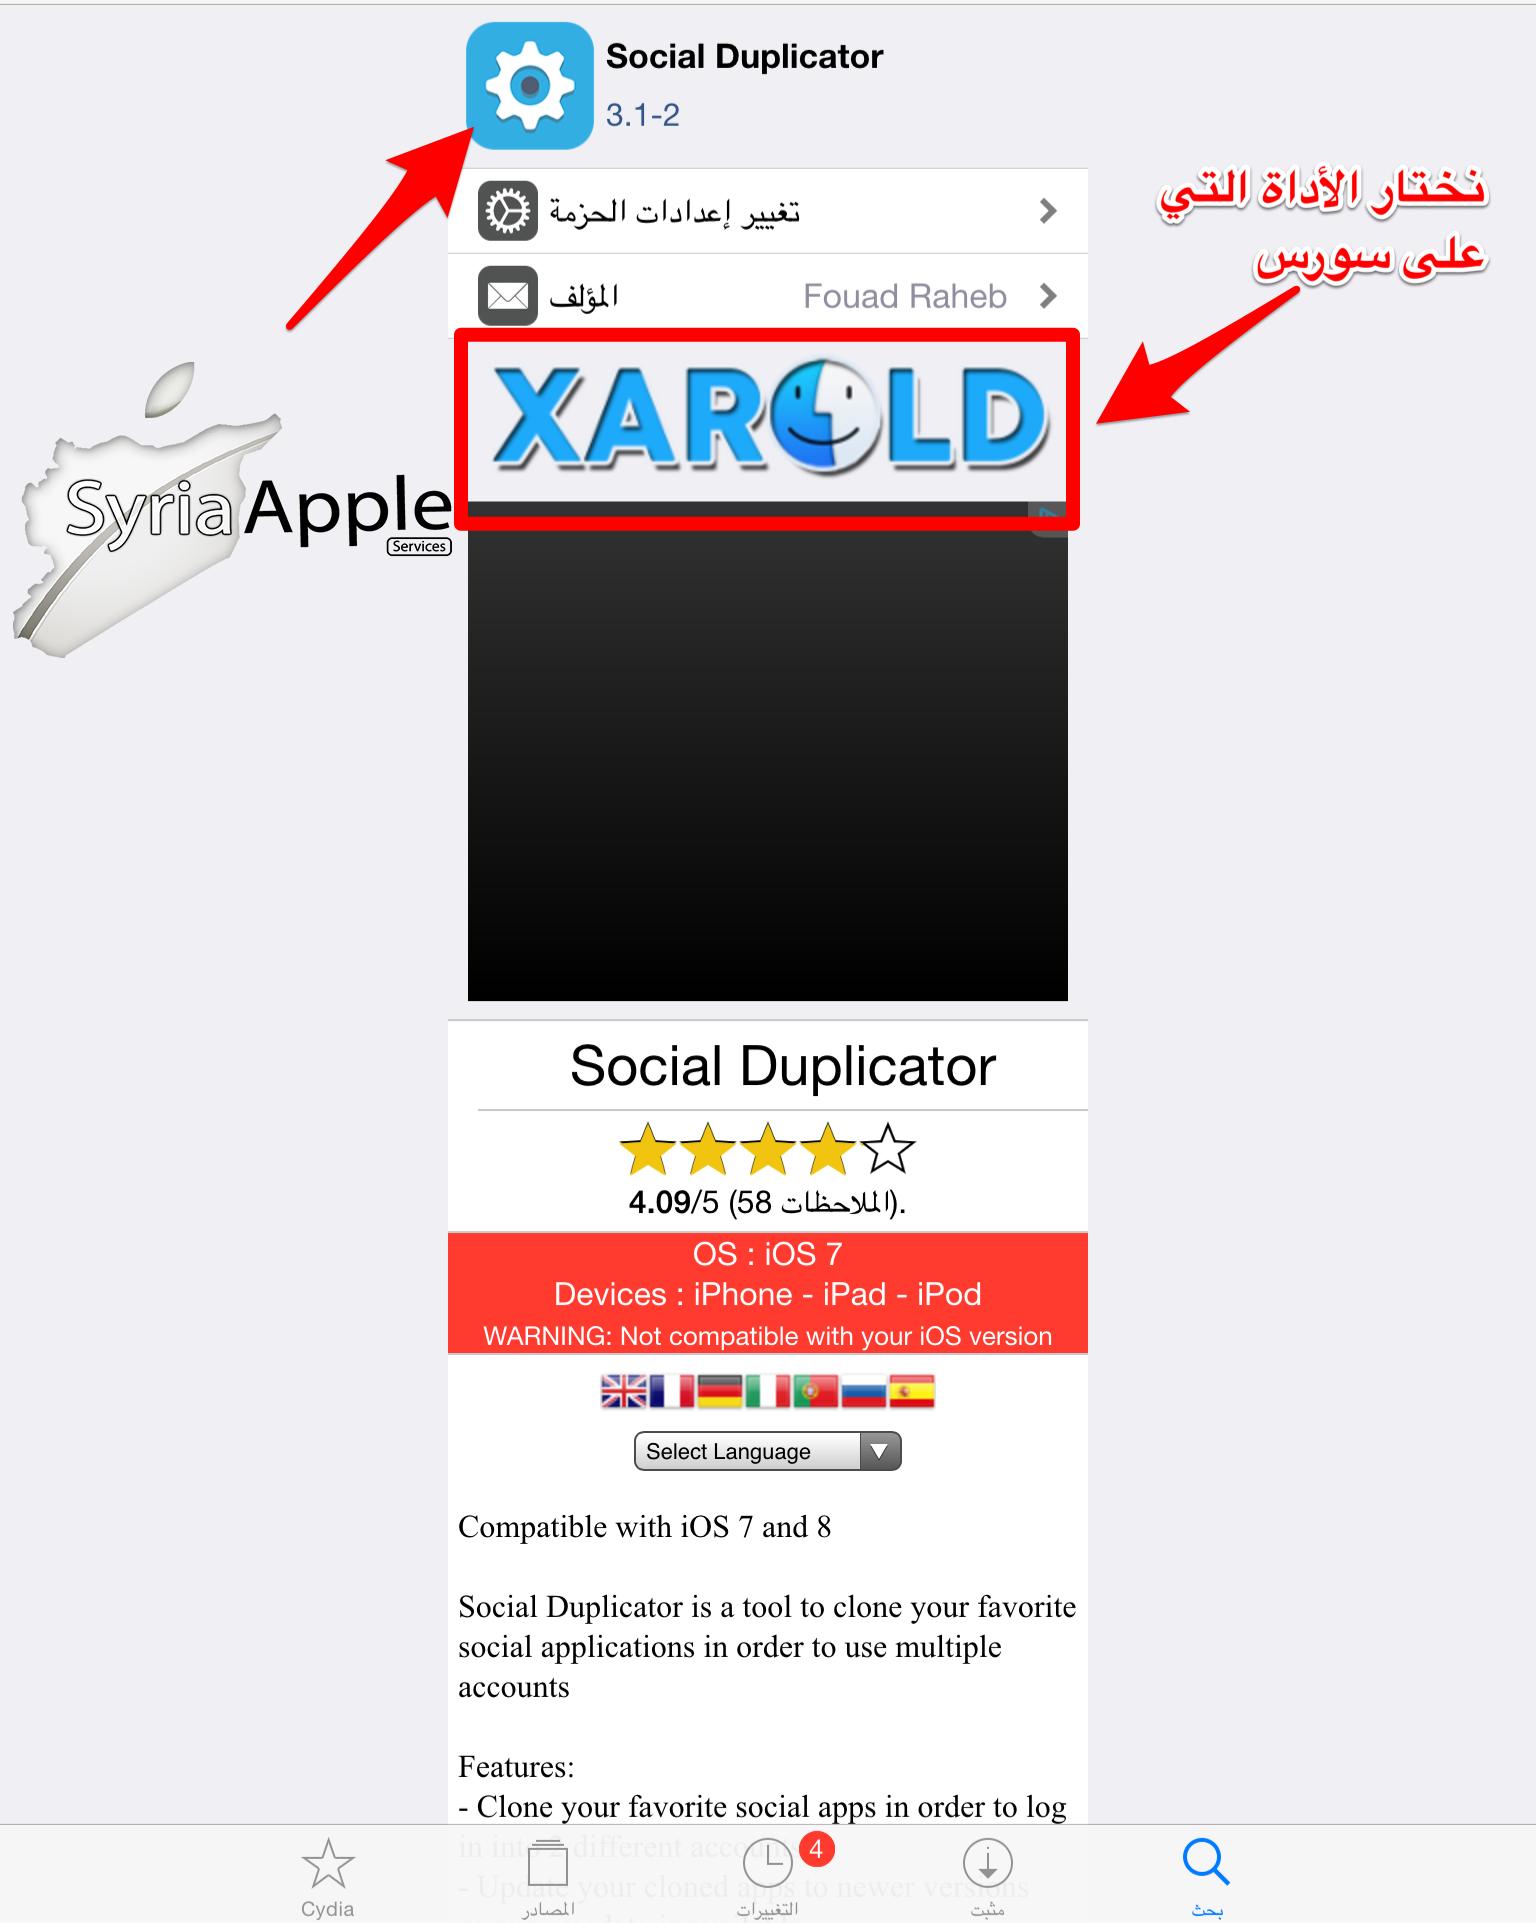 تكرار التطبيقات بأداة Social DuplicatorSyria Apple-تفاحة سوريا